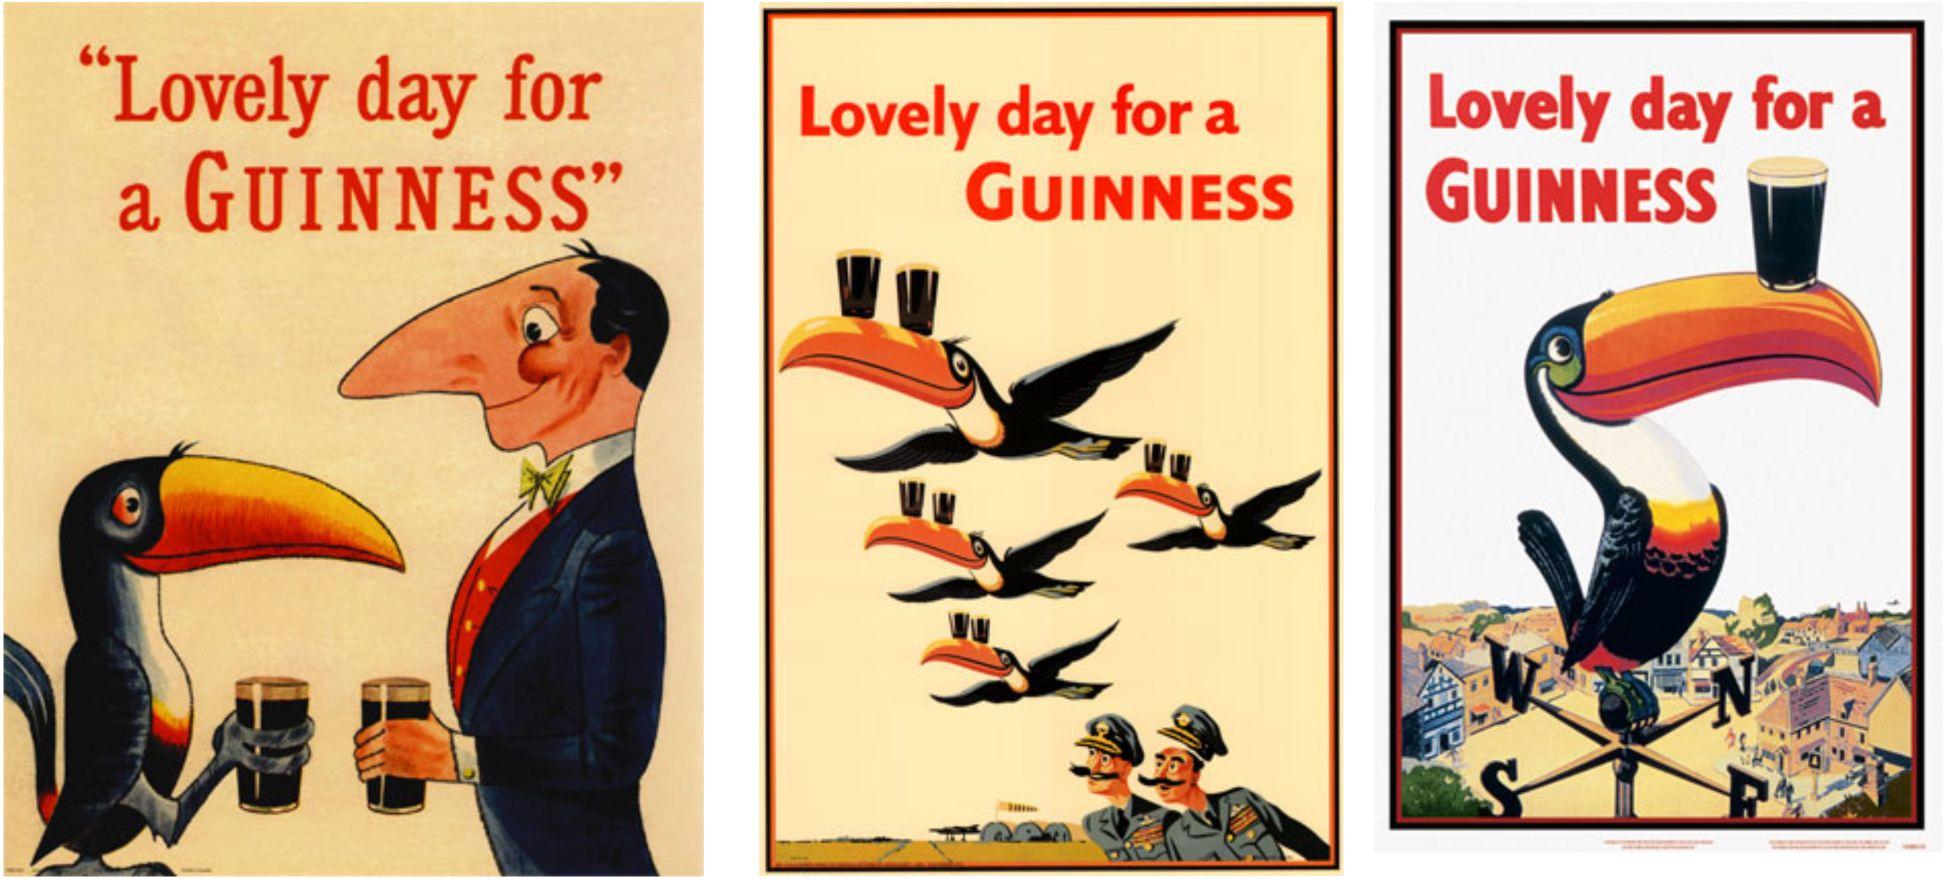 Lovely day for a guinness | Liquid Bread | Pinterest | Guinness